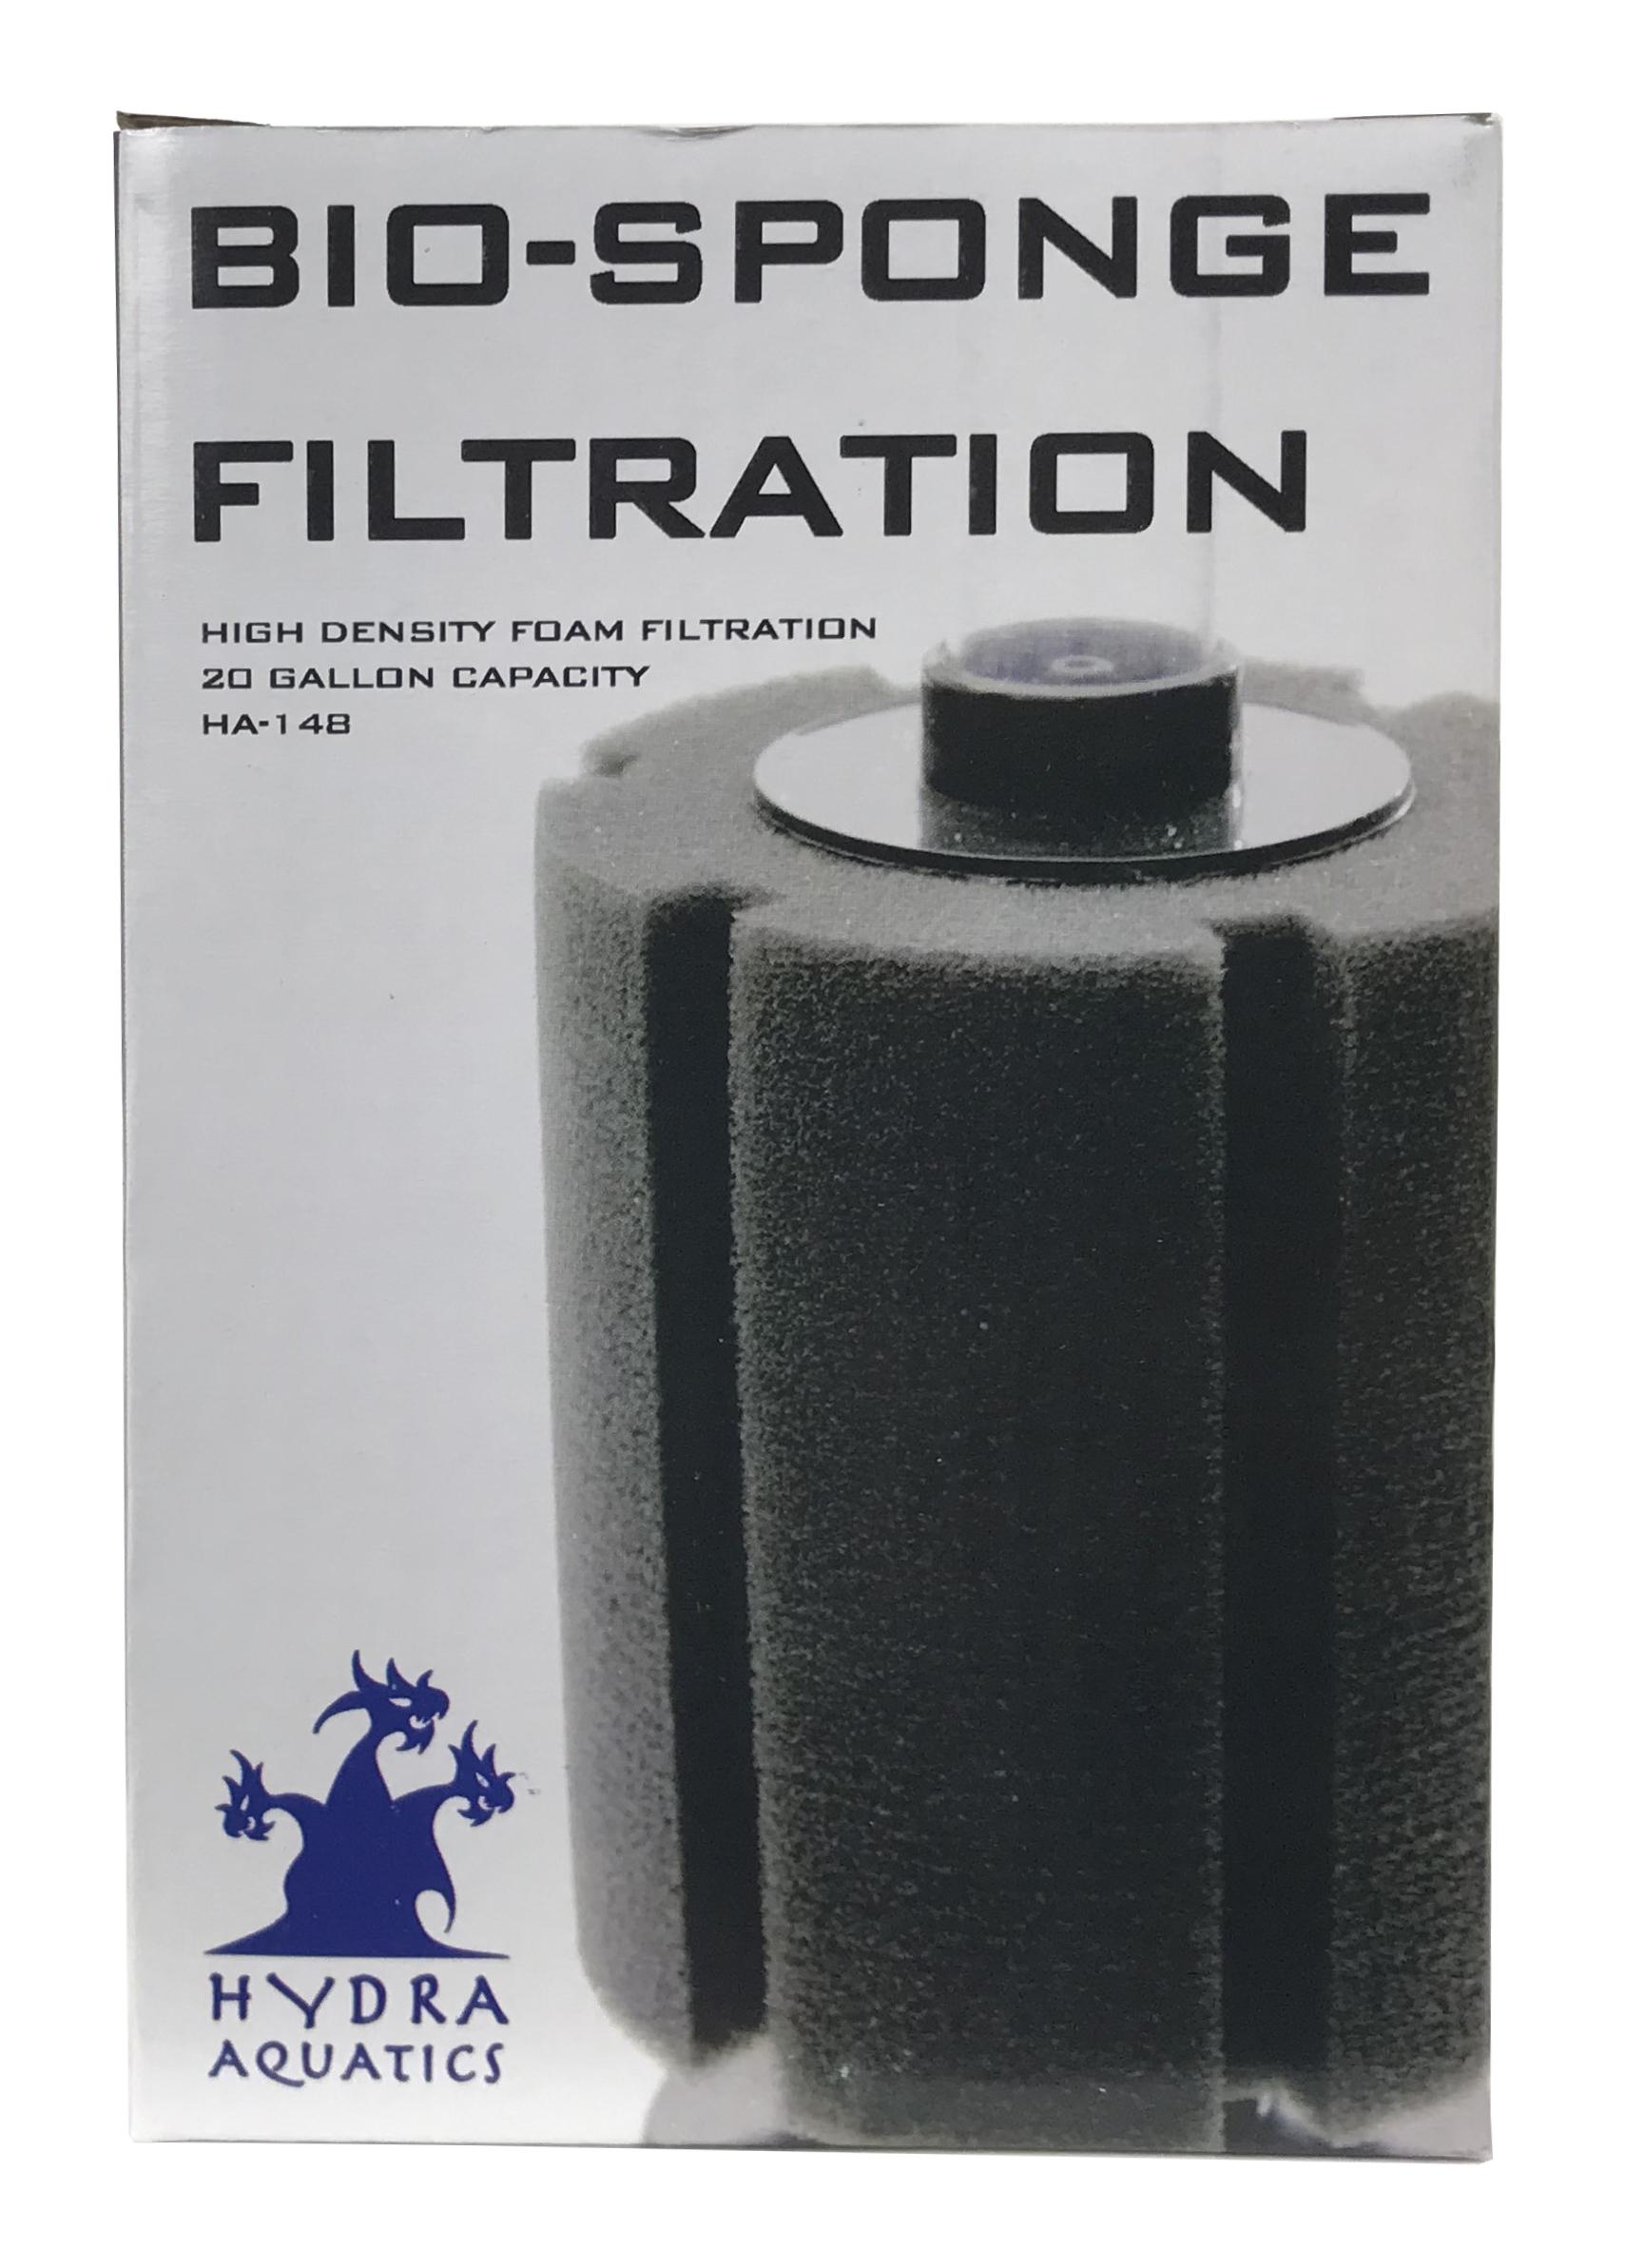 Hydra Bio-Sponge Filter - 20 gallon